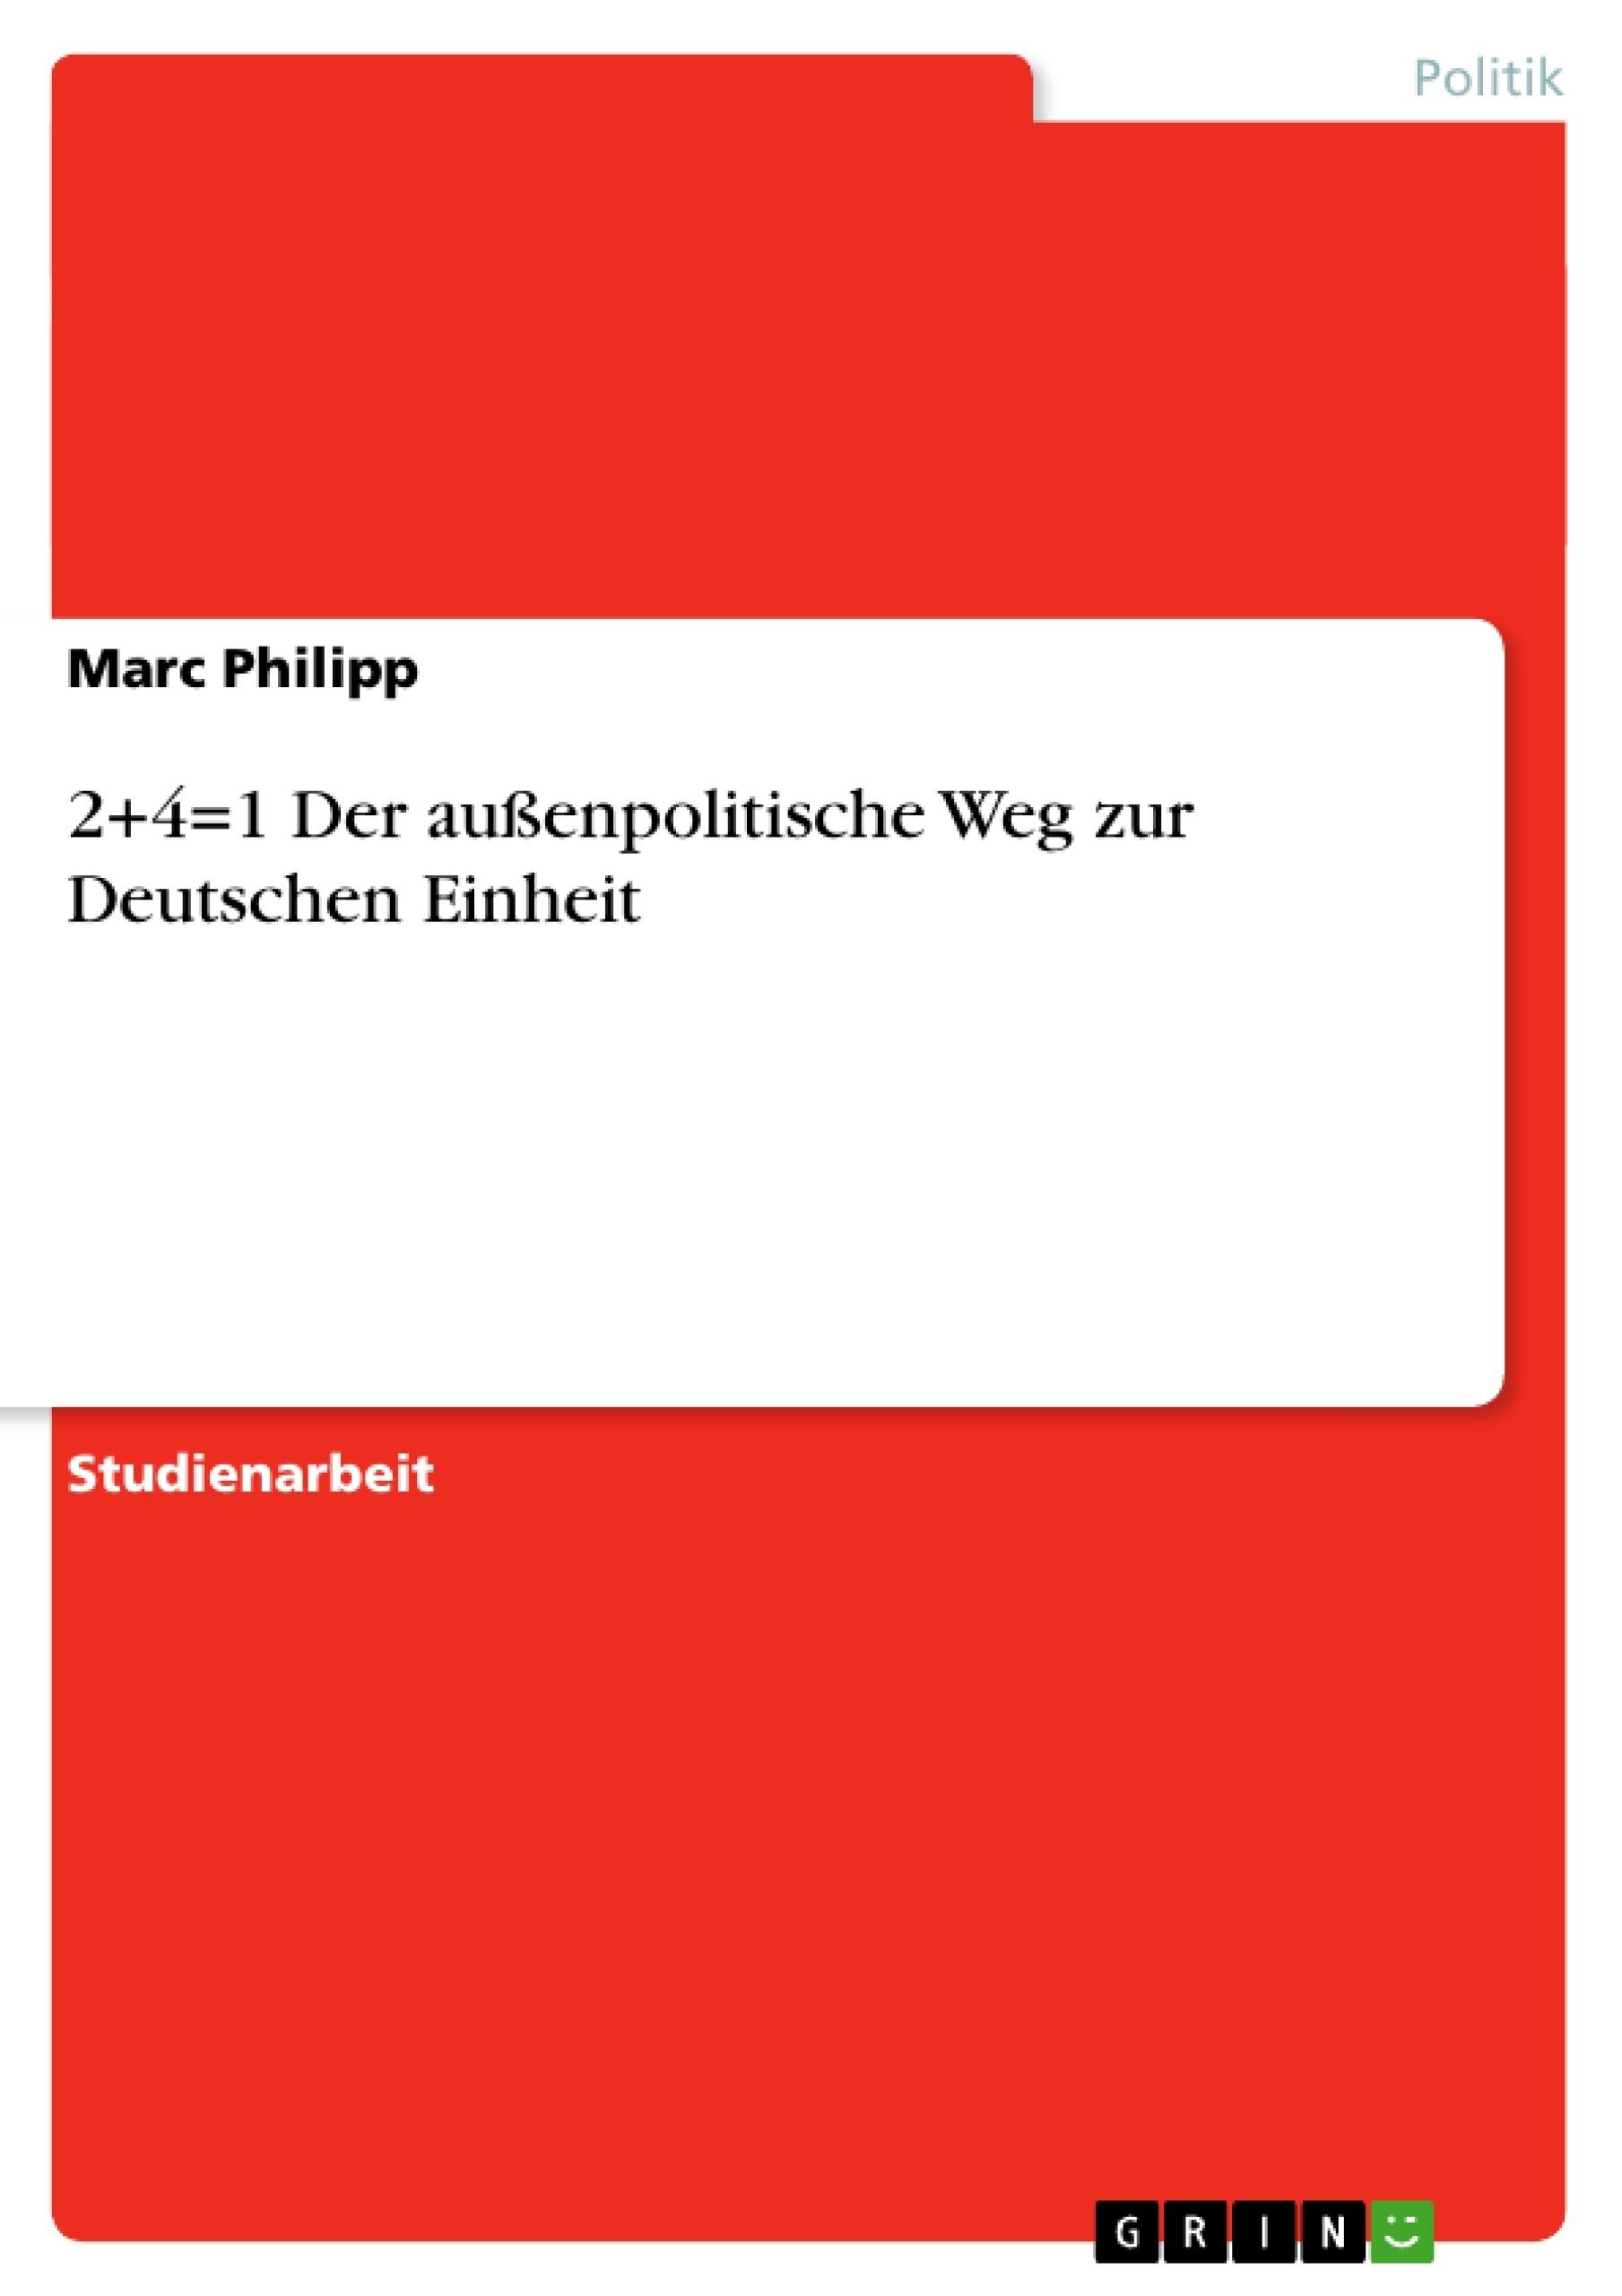 Titel: 2+4=1 Der außenpolitische Weg zur Deutschen Einheit